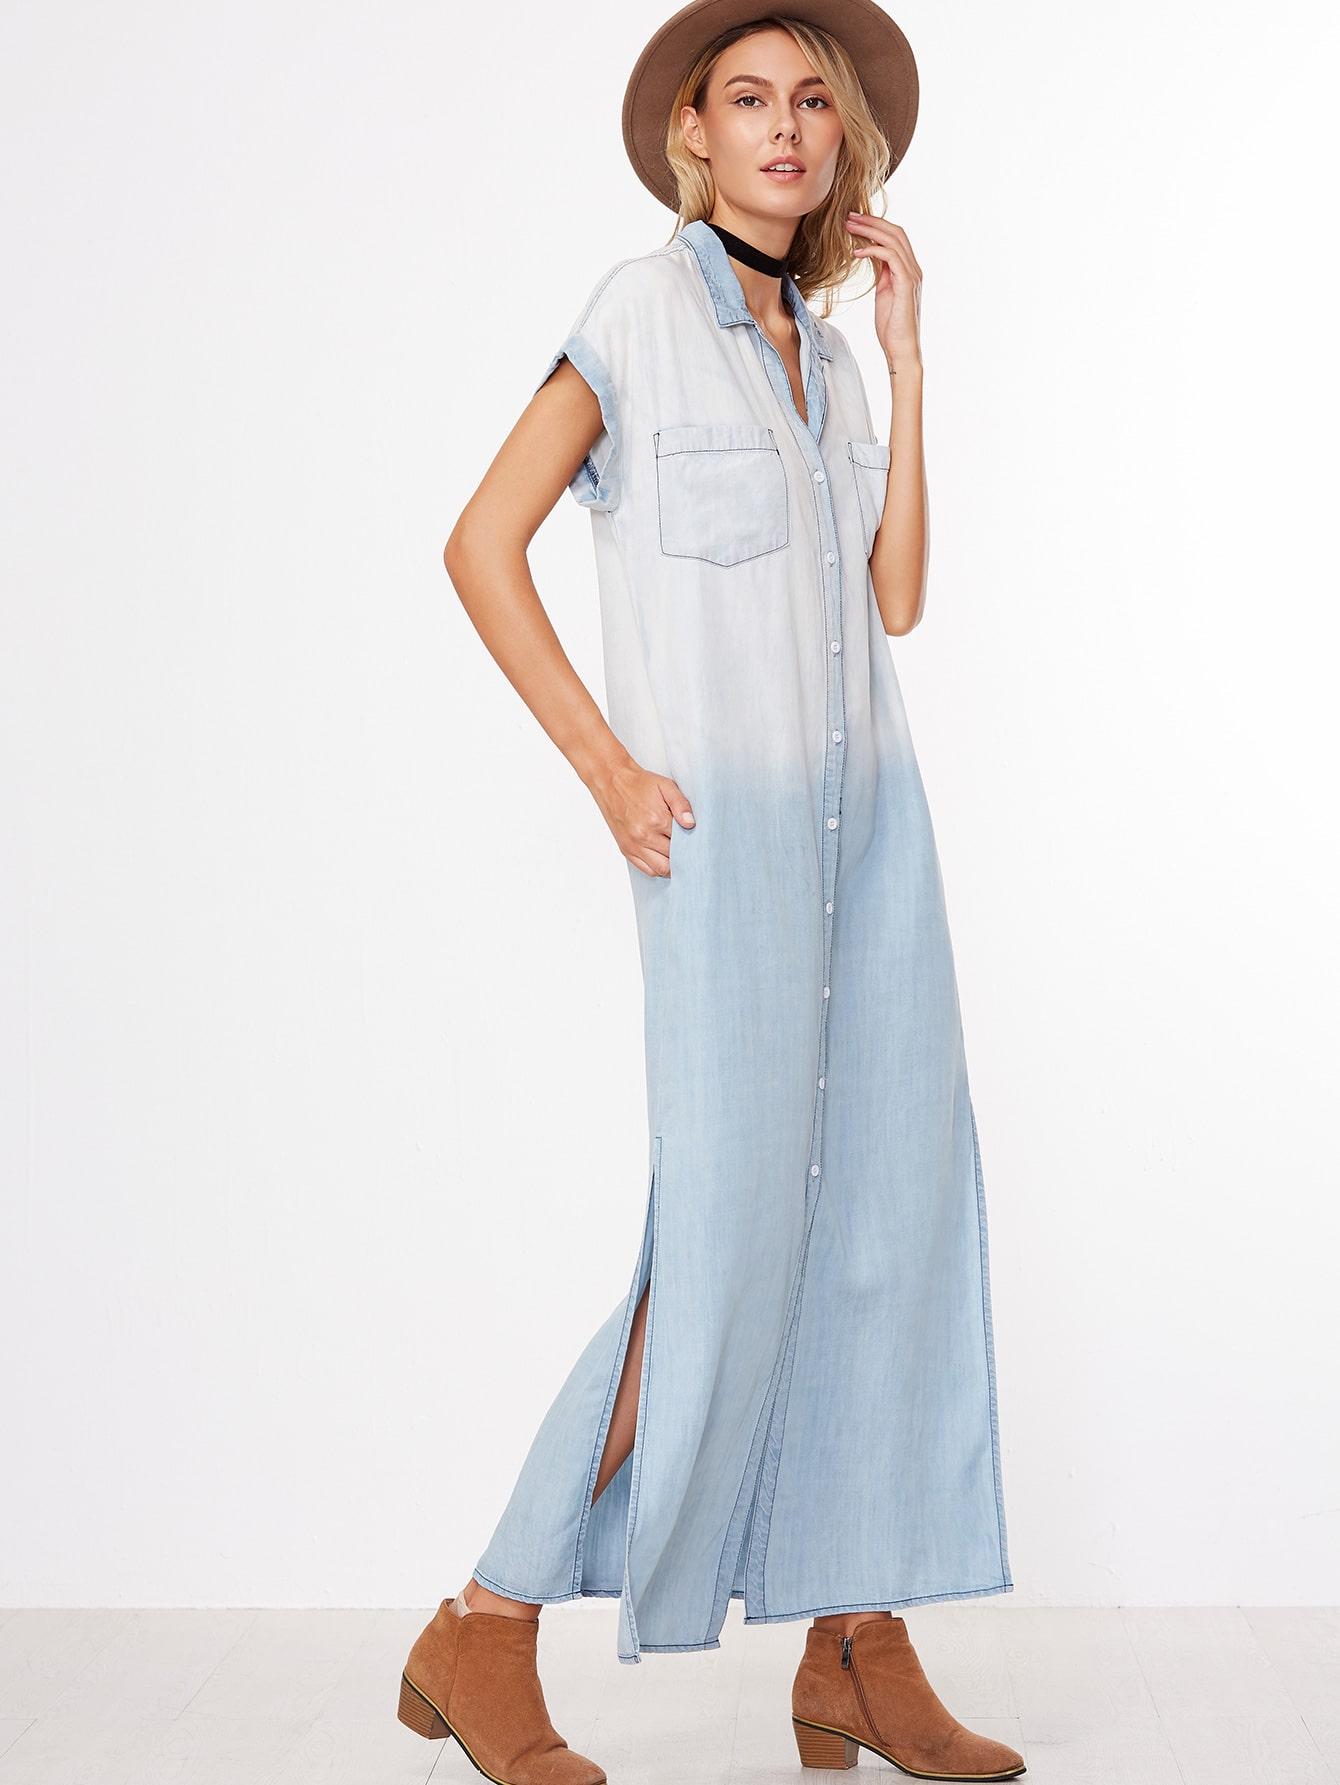 dress161027599_2